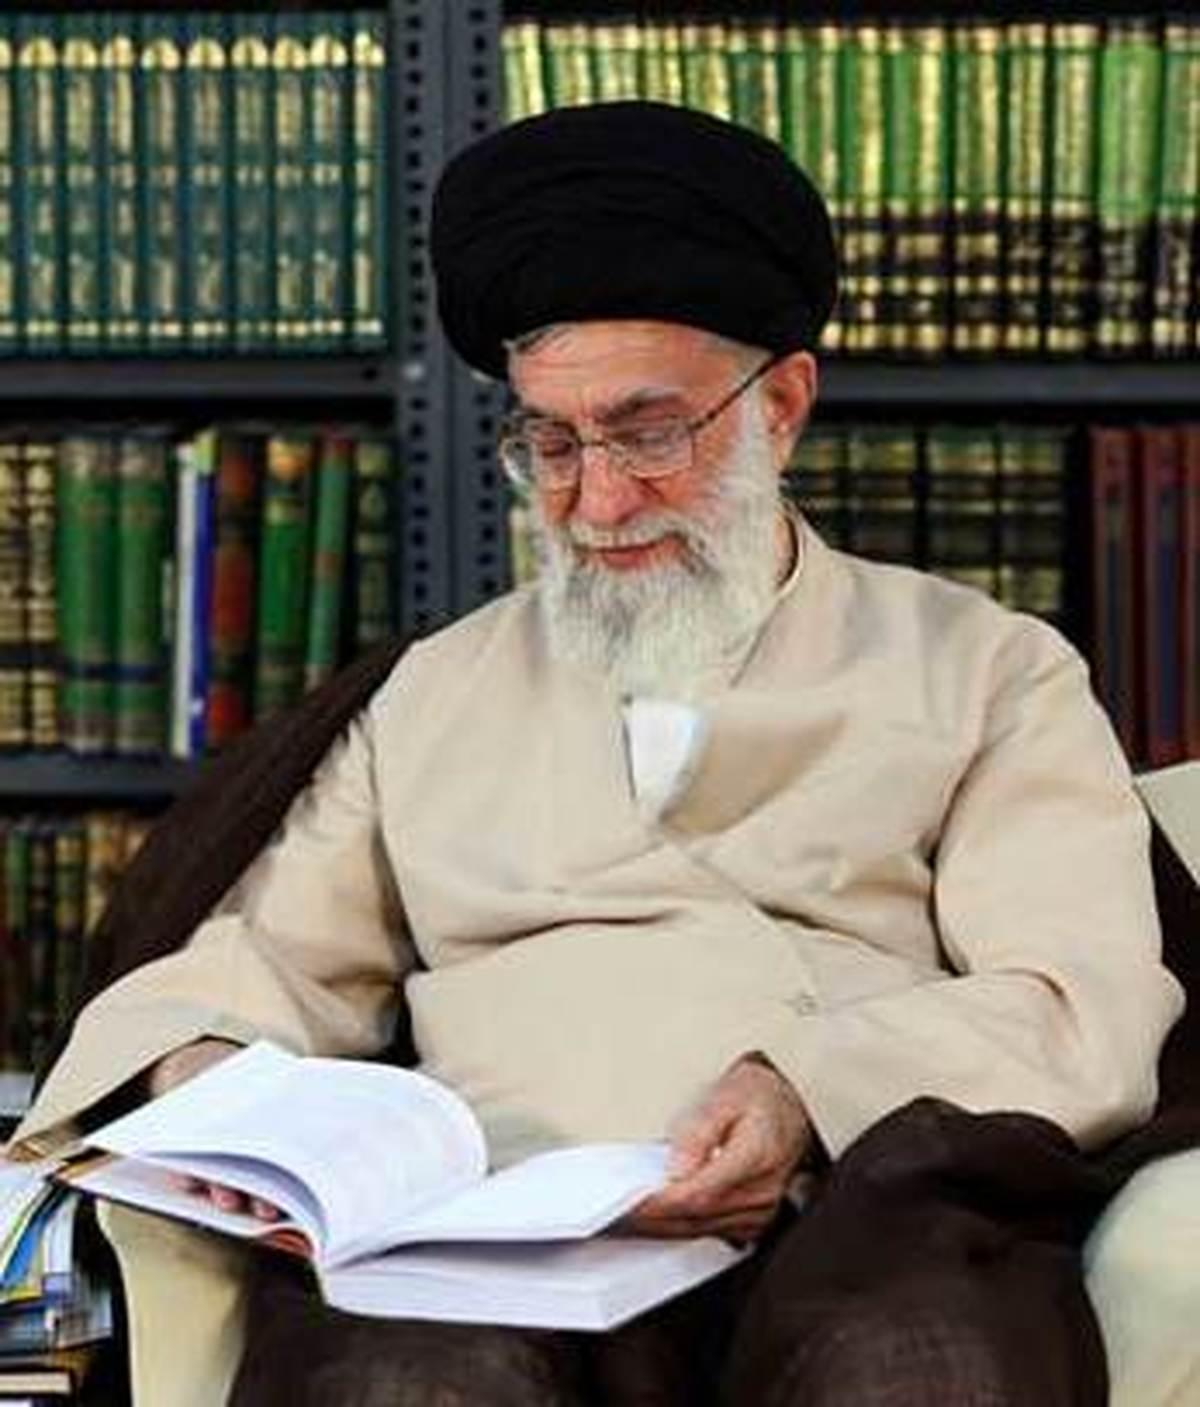 بررسی تذکرات رهبر انقلاب درباره یکی از چالشهای زندگی مردم در خط حزب الله